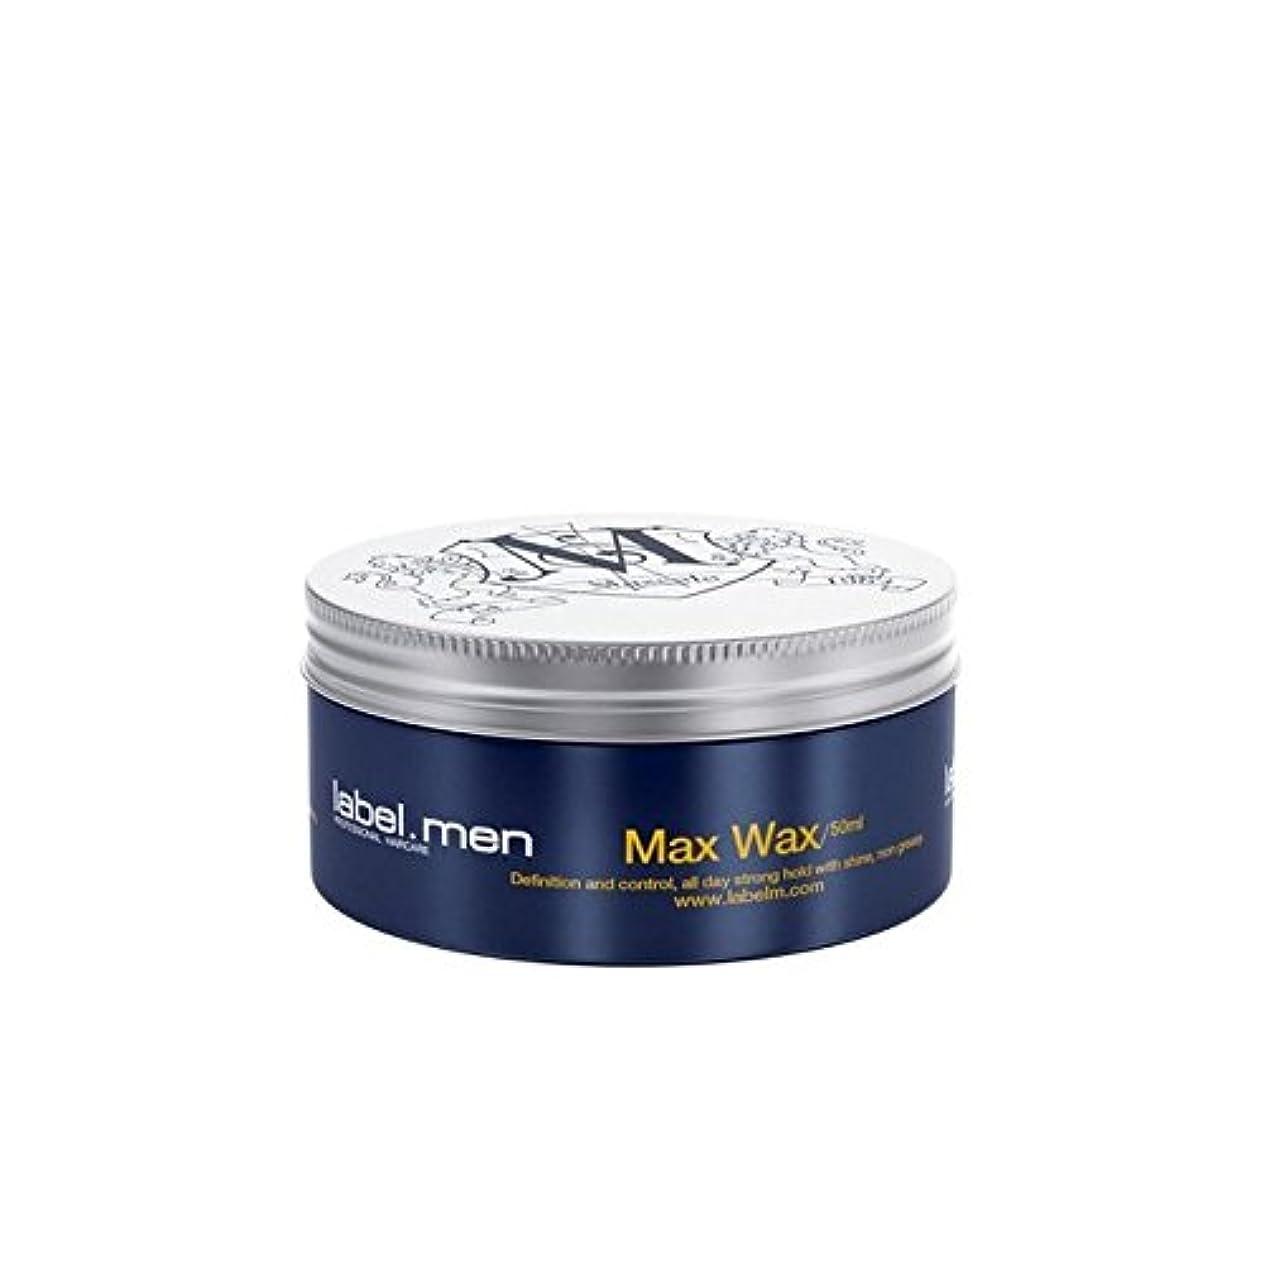 みすぼらしいレーダー命令的.マックスワックス(50ミリリットル) x4 - Label.Men Max Wax (50ml) (Pack of 4) [並行輸入品]